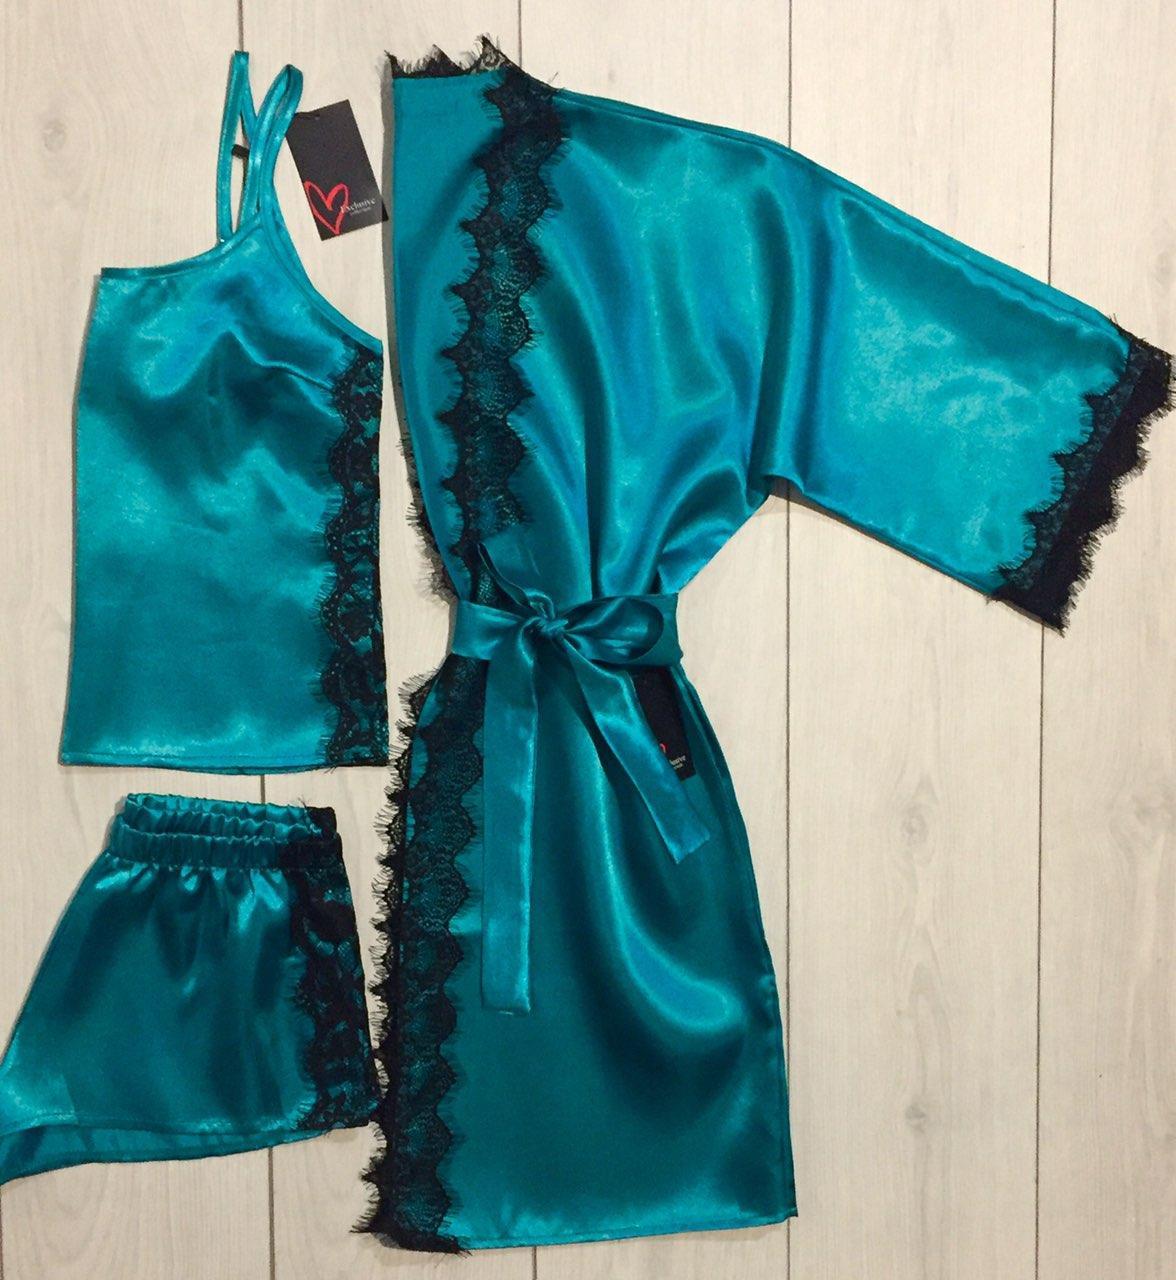 Атласный комплект для дома 007-026, халат+ майка+шорты.